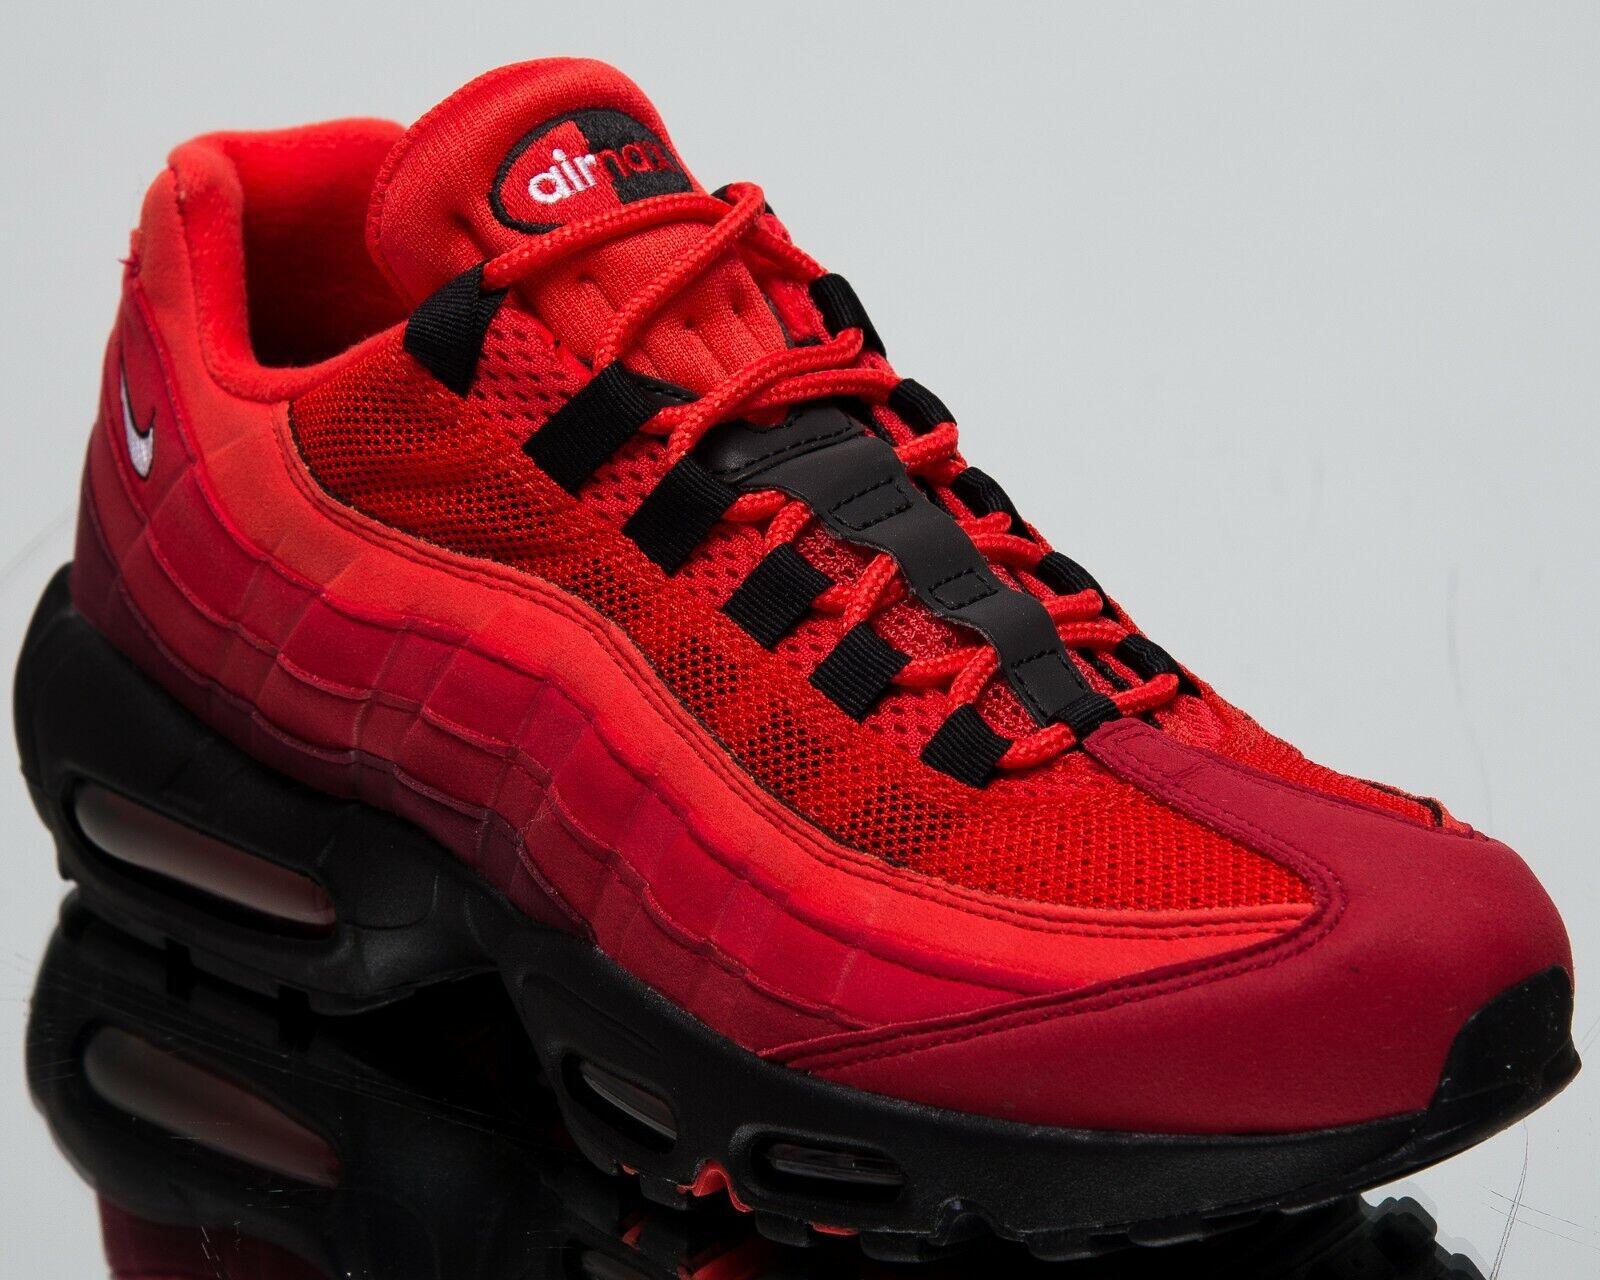 Nike Nike Nike Air Max 95 Og Habaschwarz Rot Neu Herren Lifestyle Schuhe Niedriges Top 485f8b